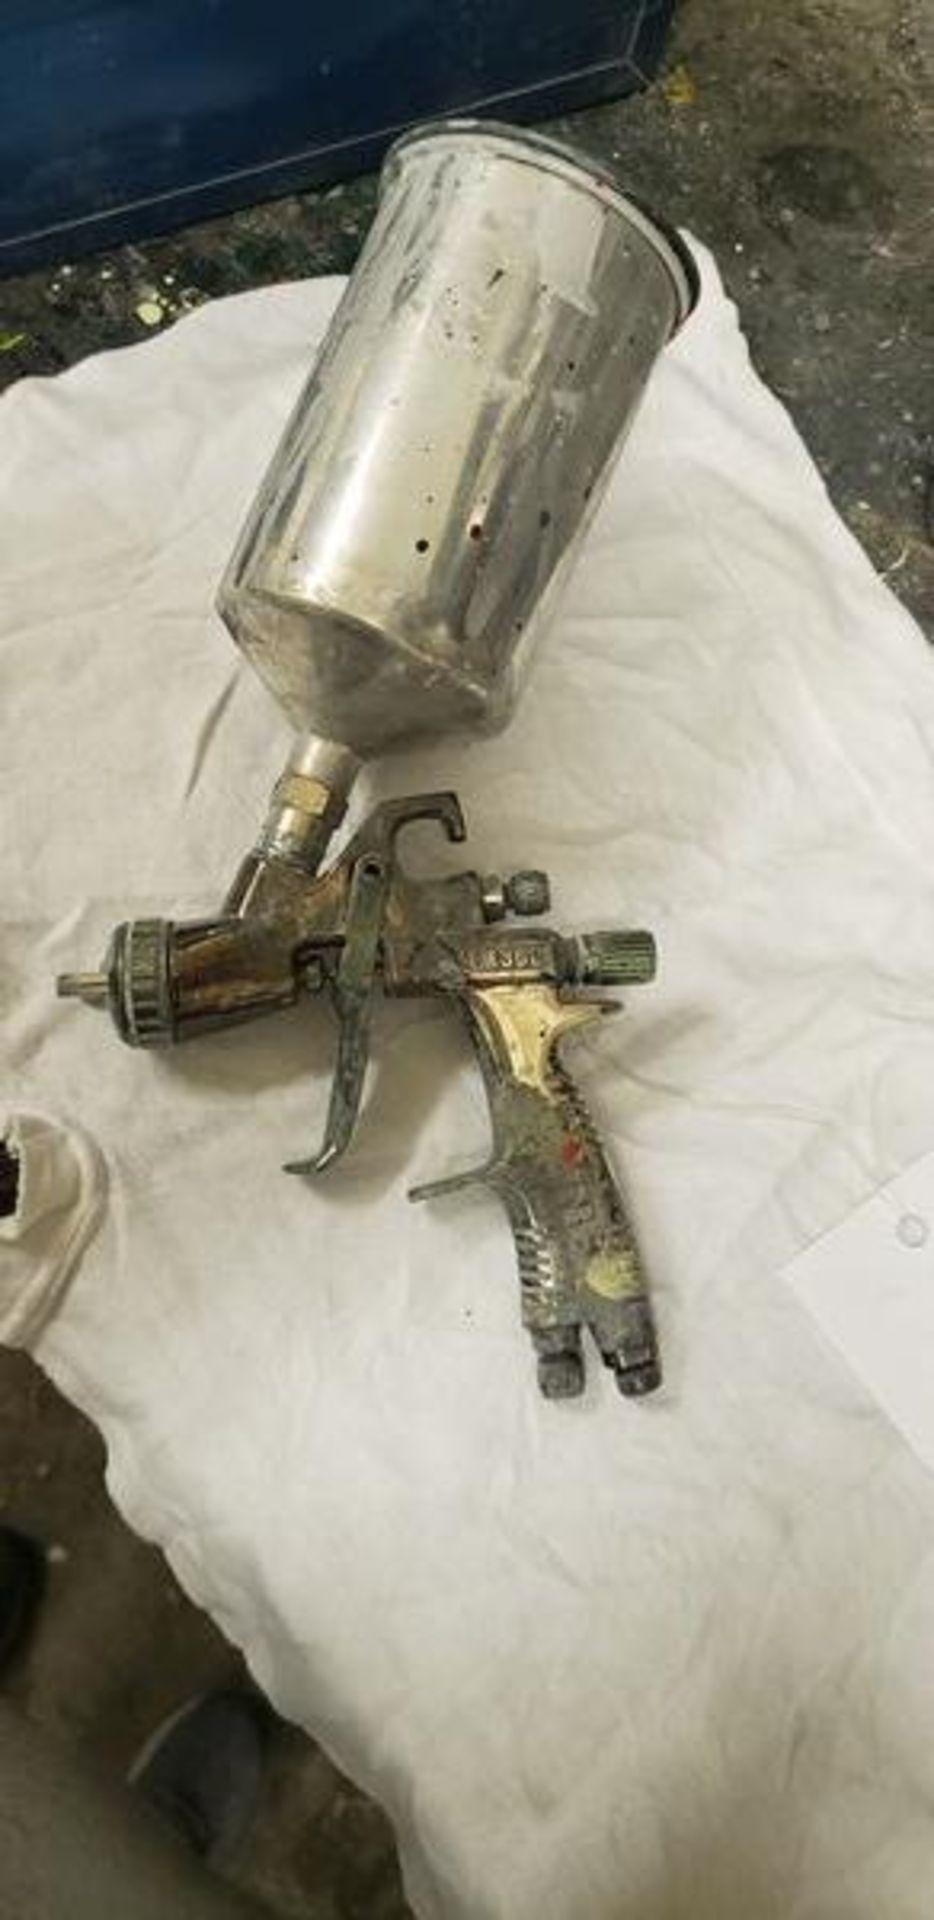 FX300 HVLP SPRAY GUN